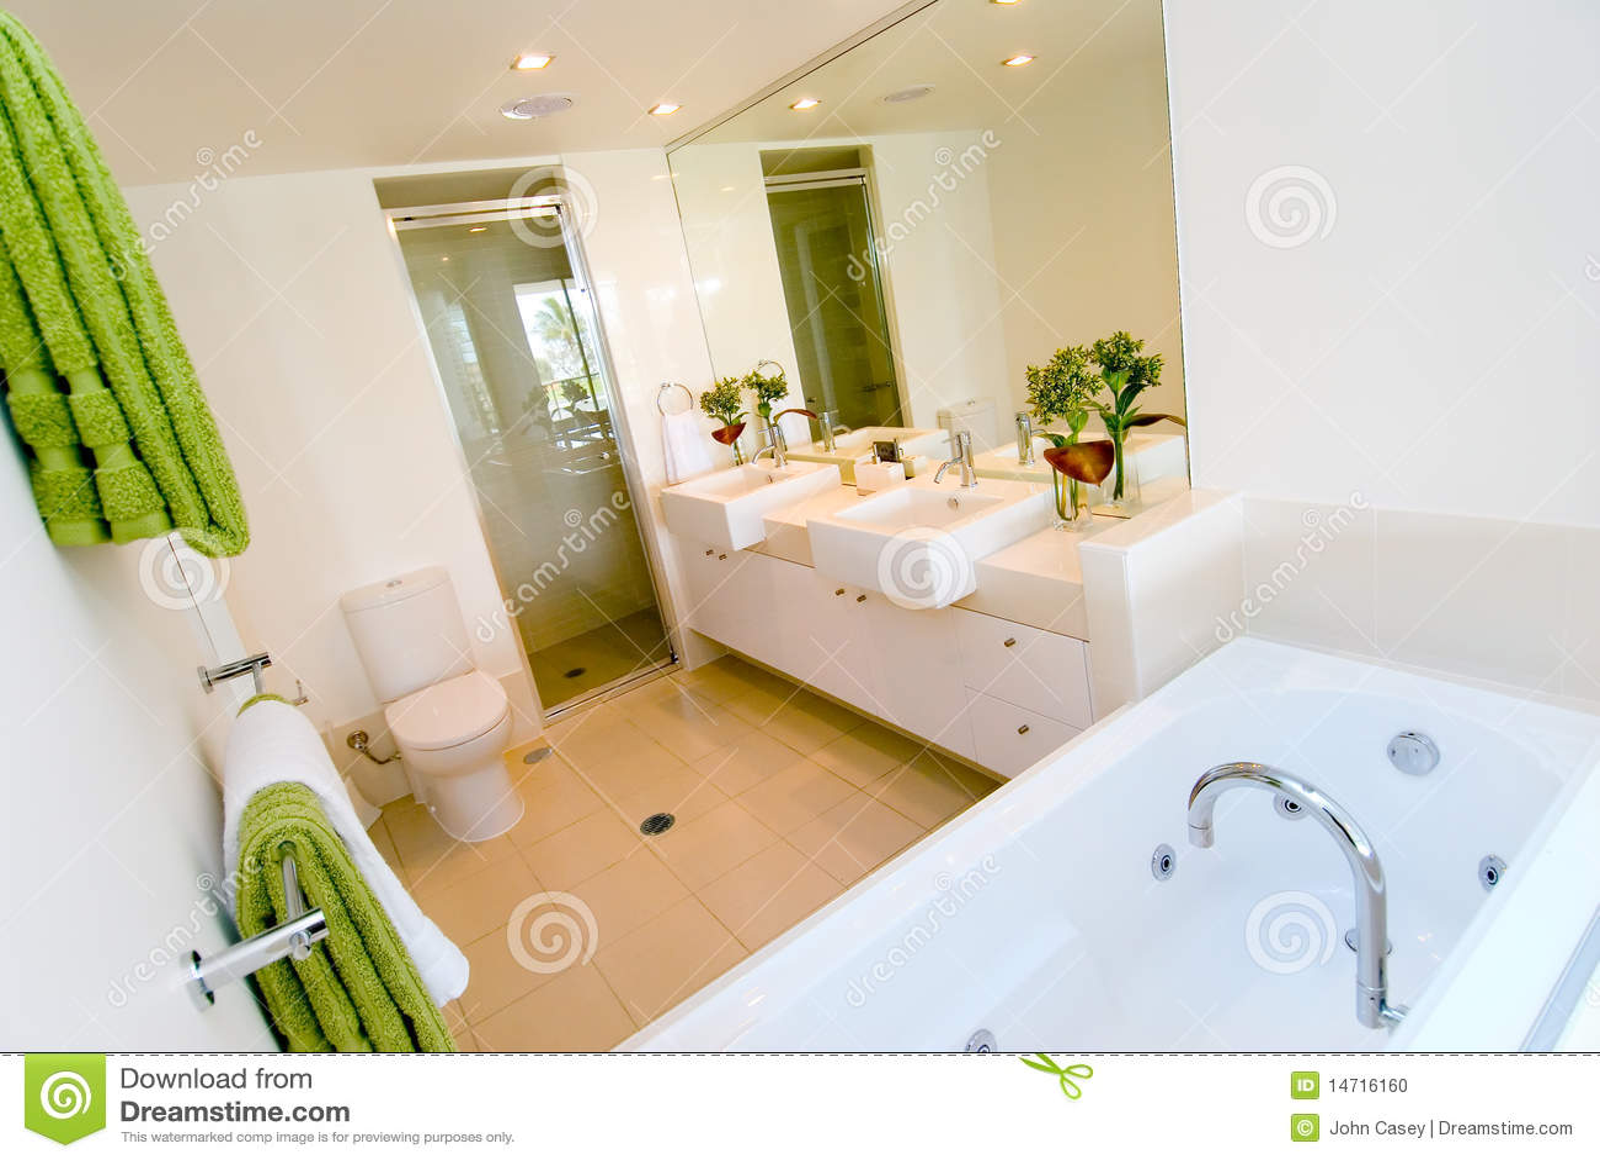 Een luxe moderne badkamers stock foto afbeelding 14716160 - Badkamers ...